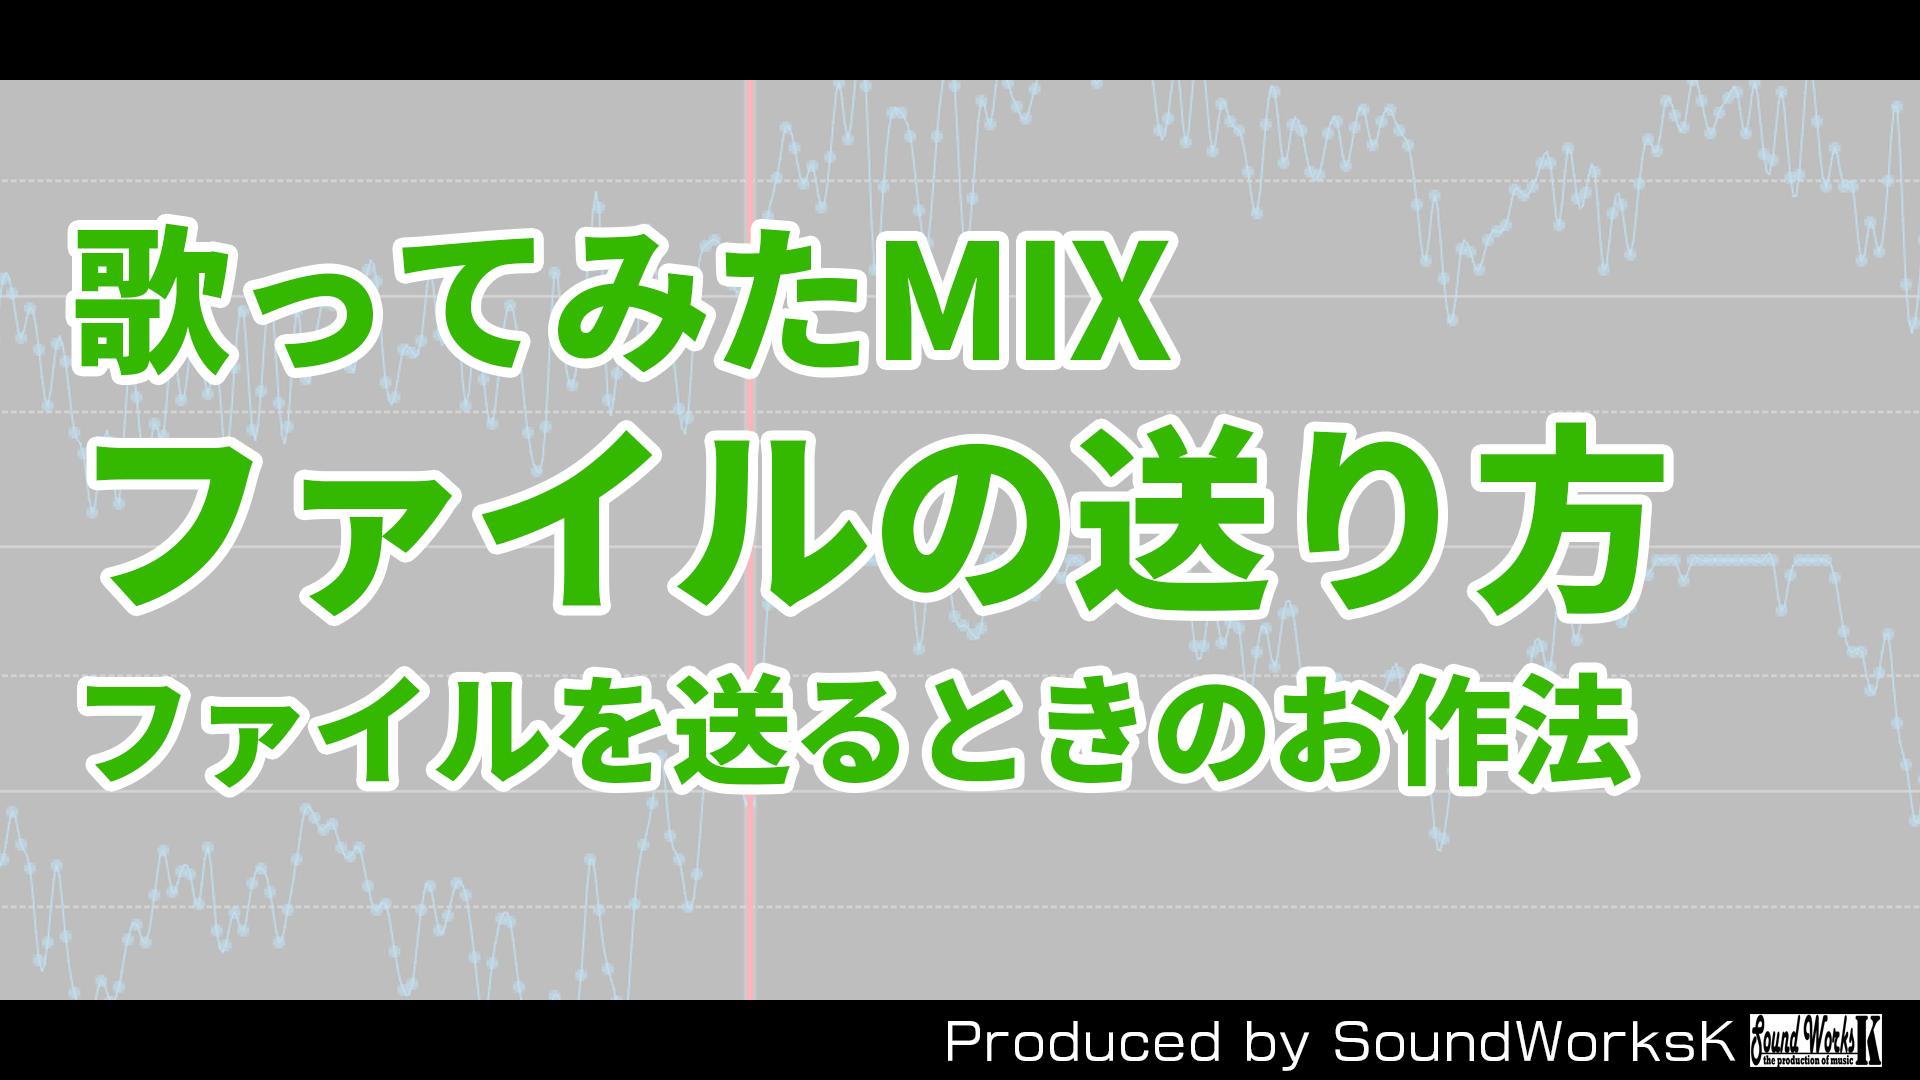 歌ってみたMIX ファイルの送り方(送るときのお作法)